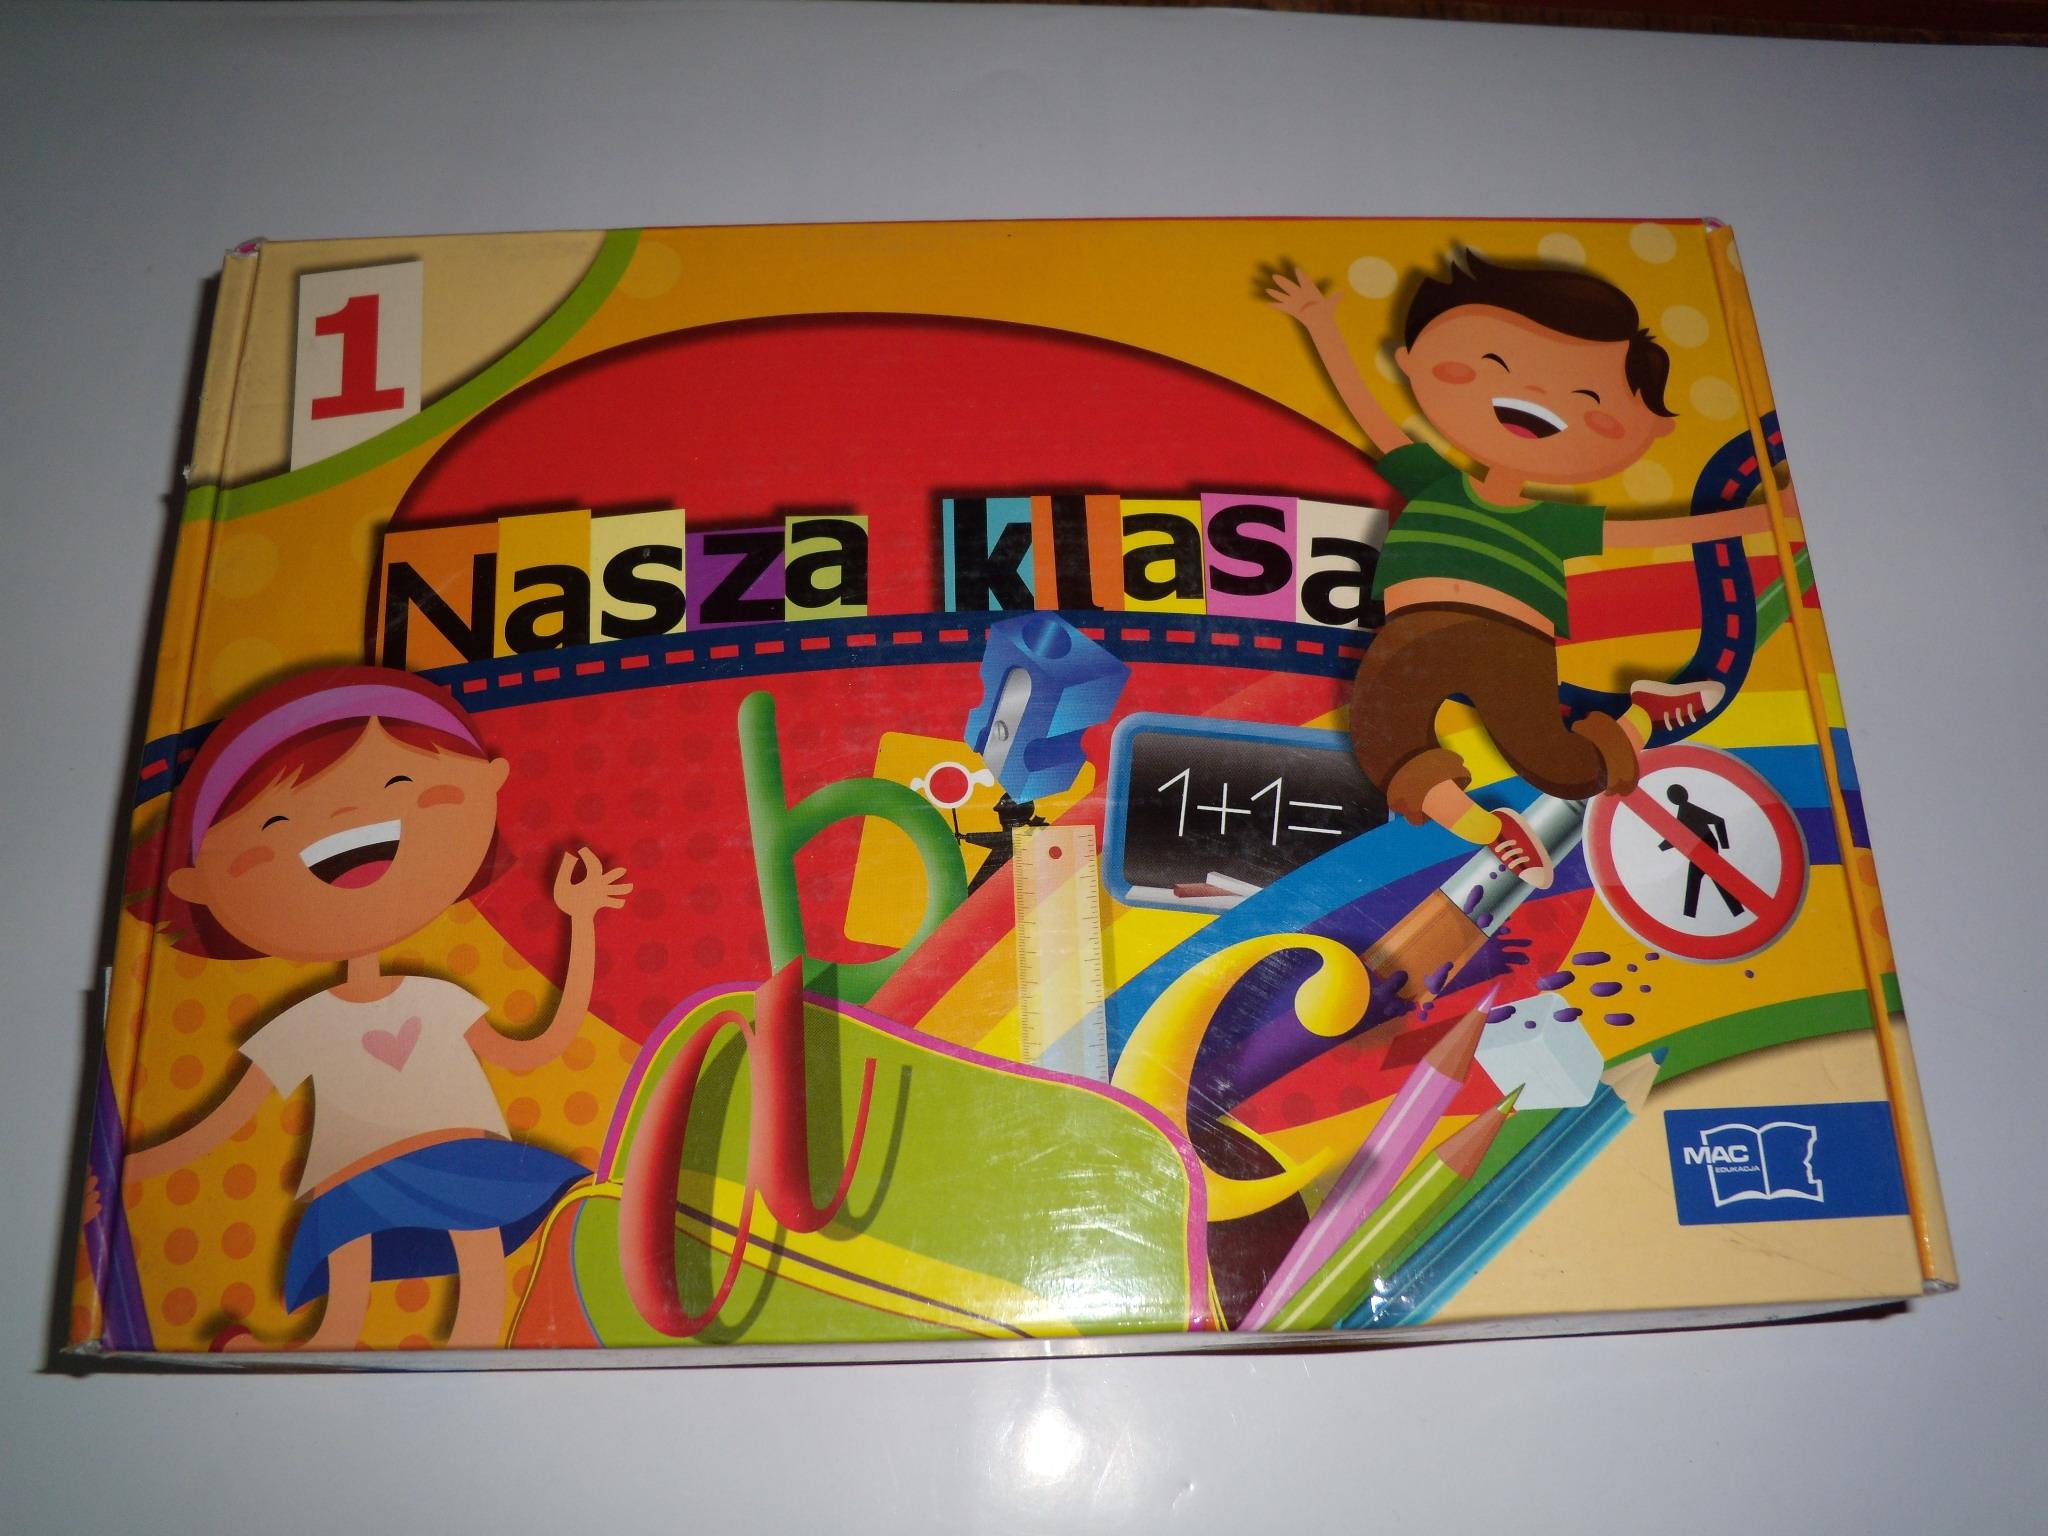 Nasza Klasa 1 Pakiet Rozszerzony Box Mac U1000 49 Zl Allegro Pl Raty 0 Darmowa Dostawa Ze Smart Warszawa Stan Uzywany Id Oferty 8834839425